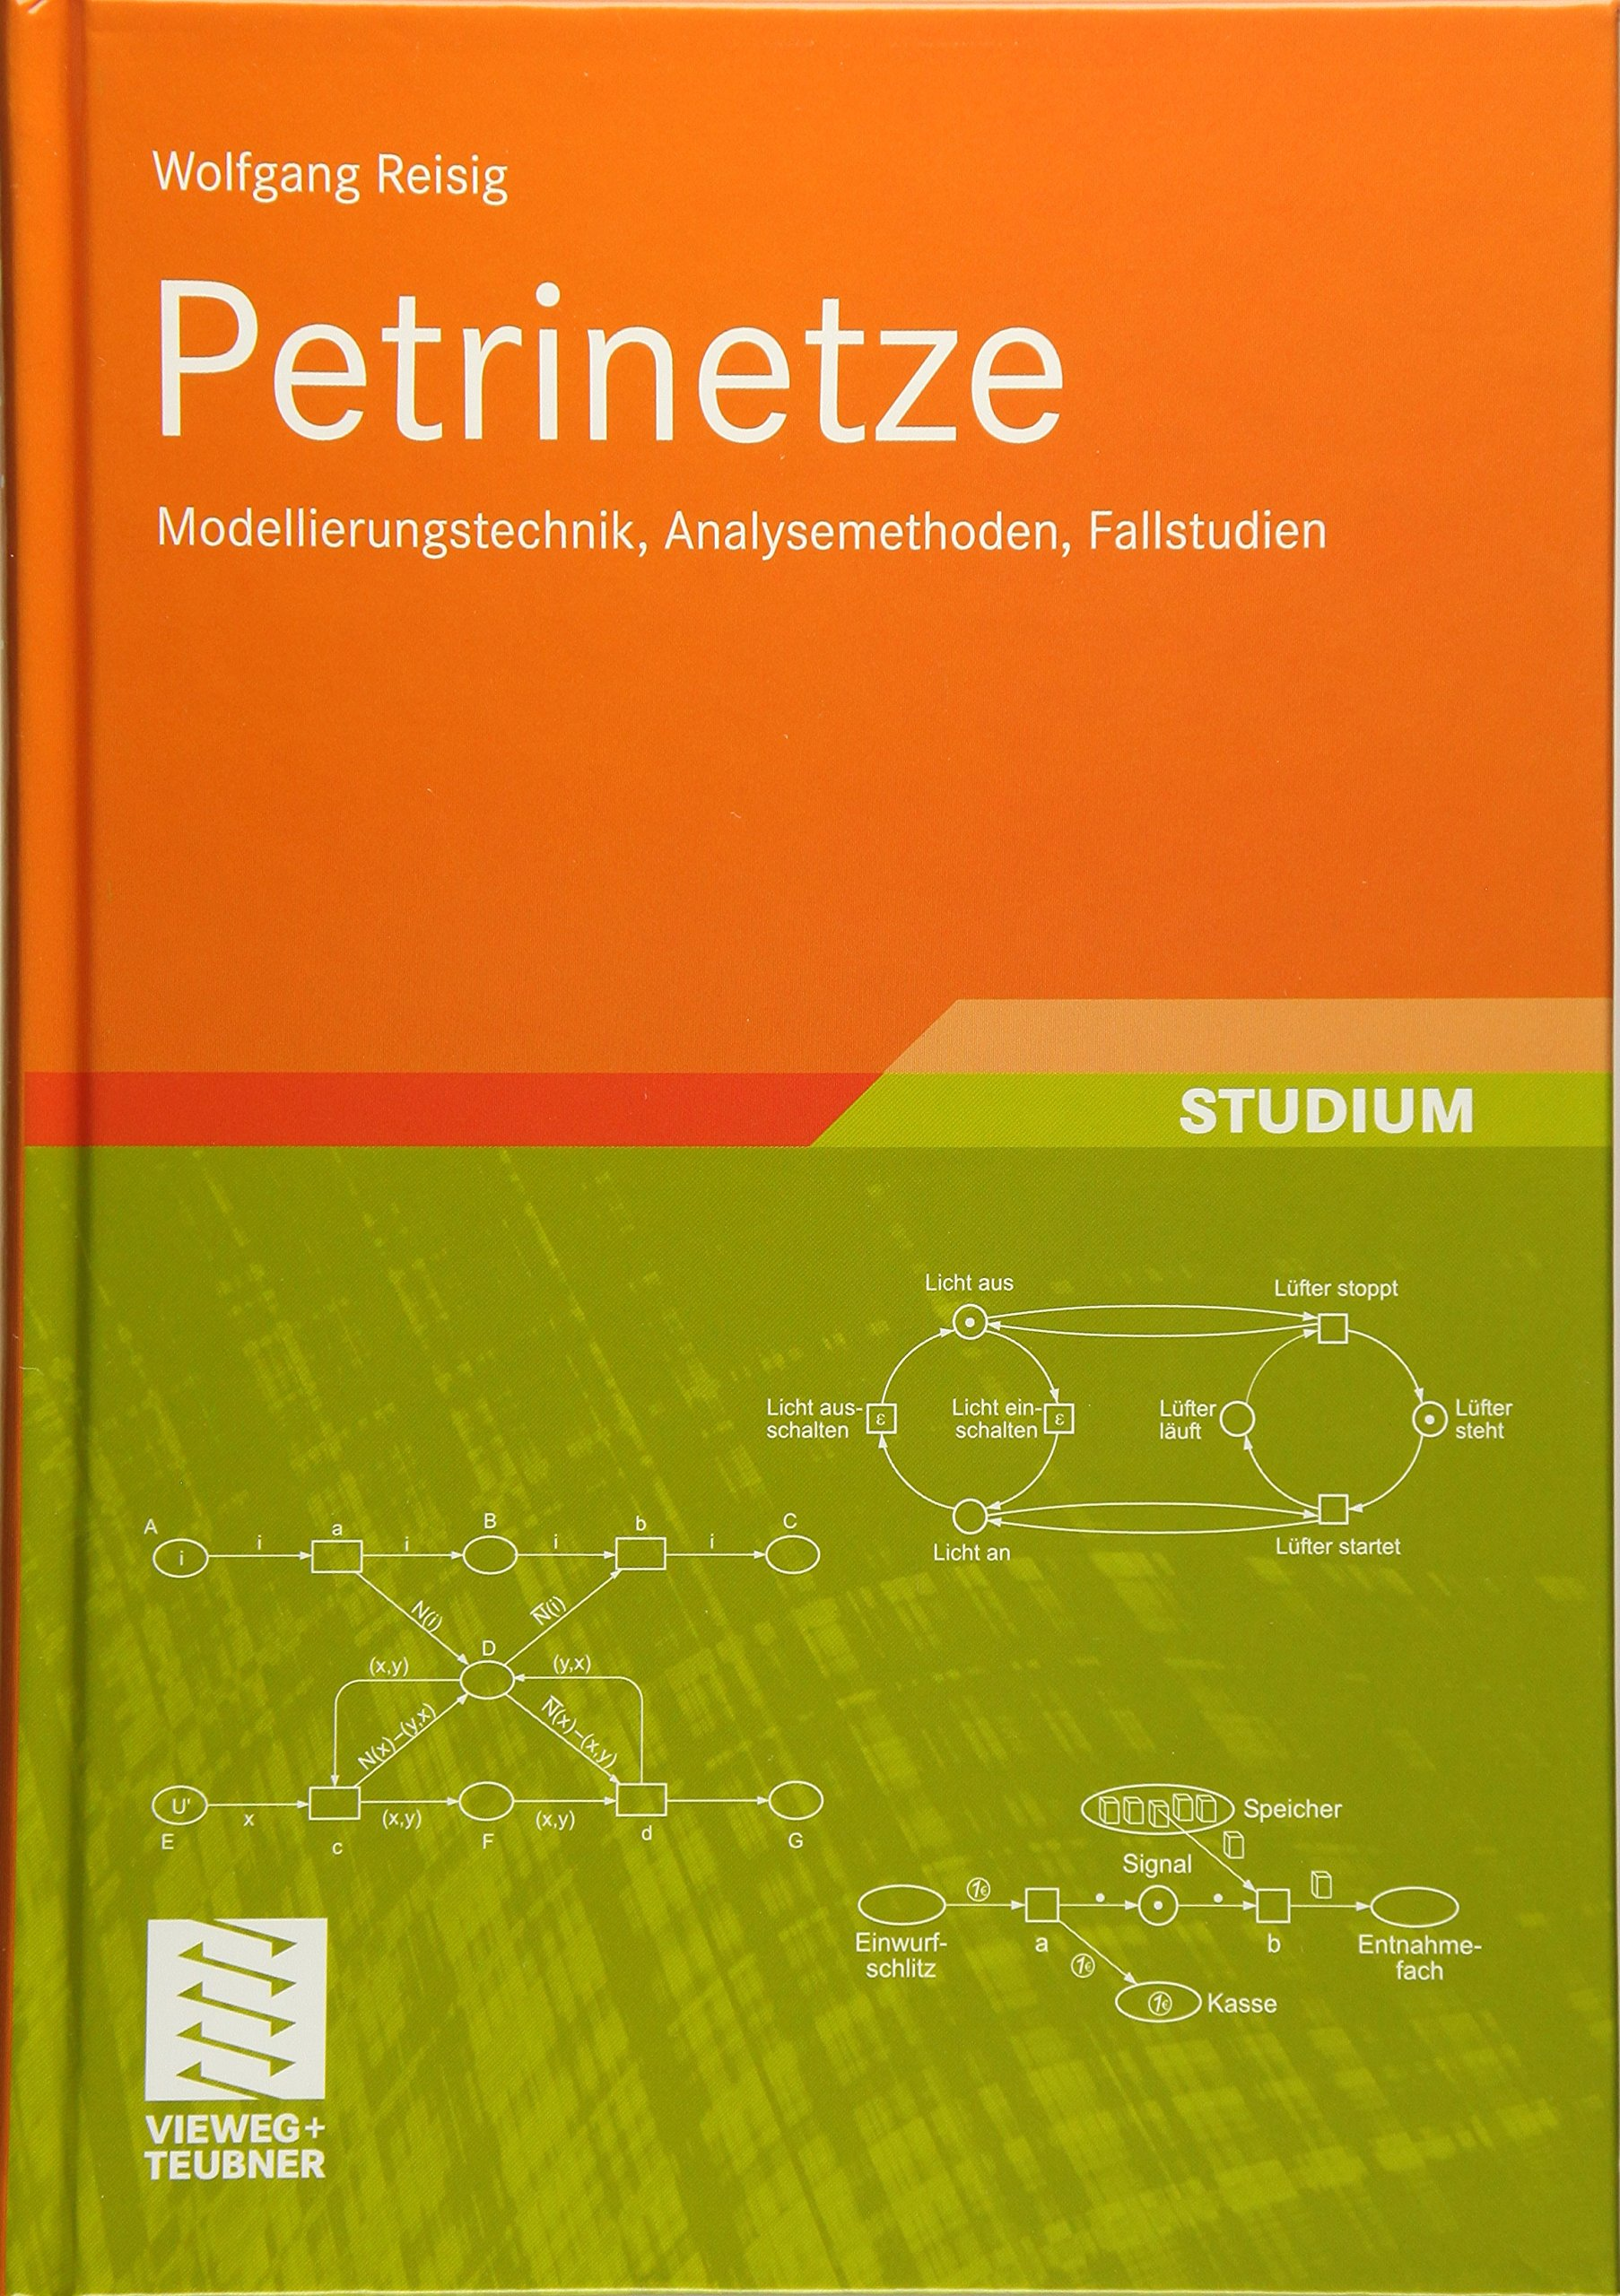 Petrinetze: Modellierungstechnik, Analysemethoden, Fallstudien (XLeitfäden der Informatik)